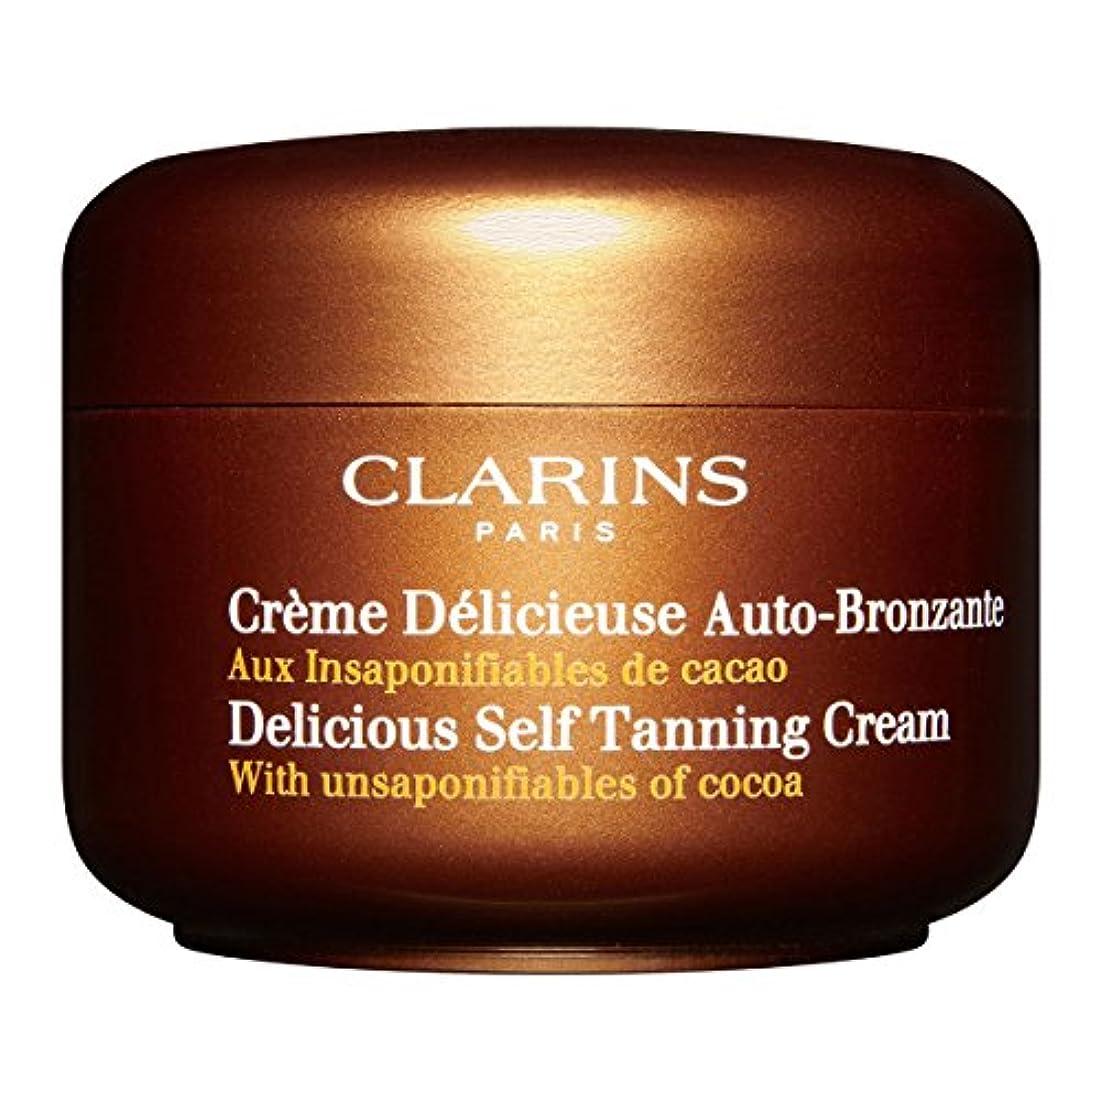 ファランクス迫害するおしゃれじゃないClarins Delicious Self Tanning Cream 125ml [並行輸入品]